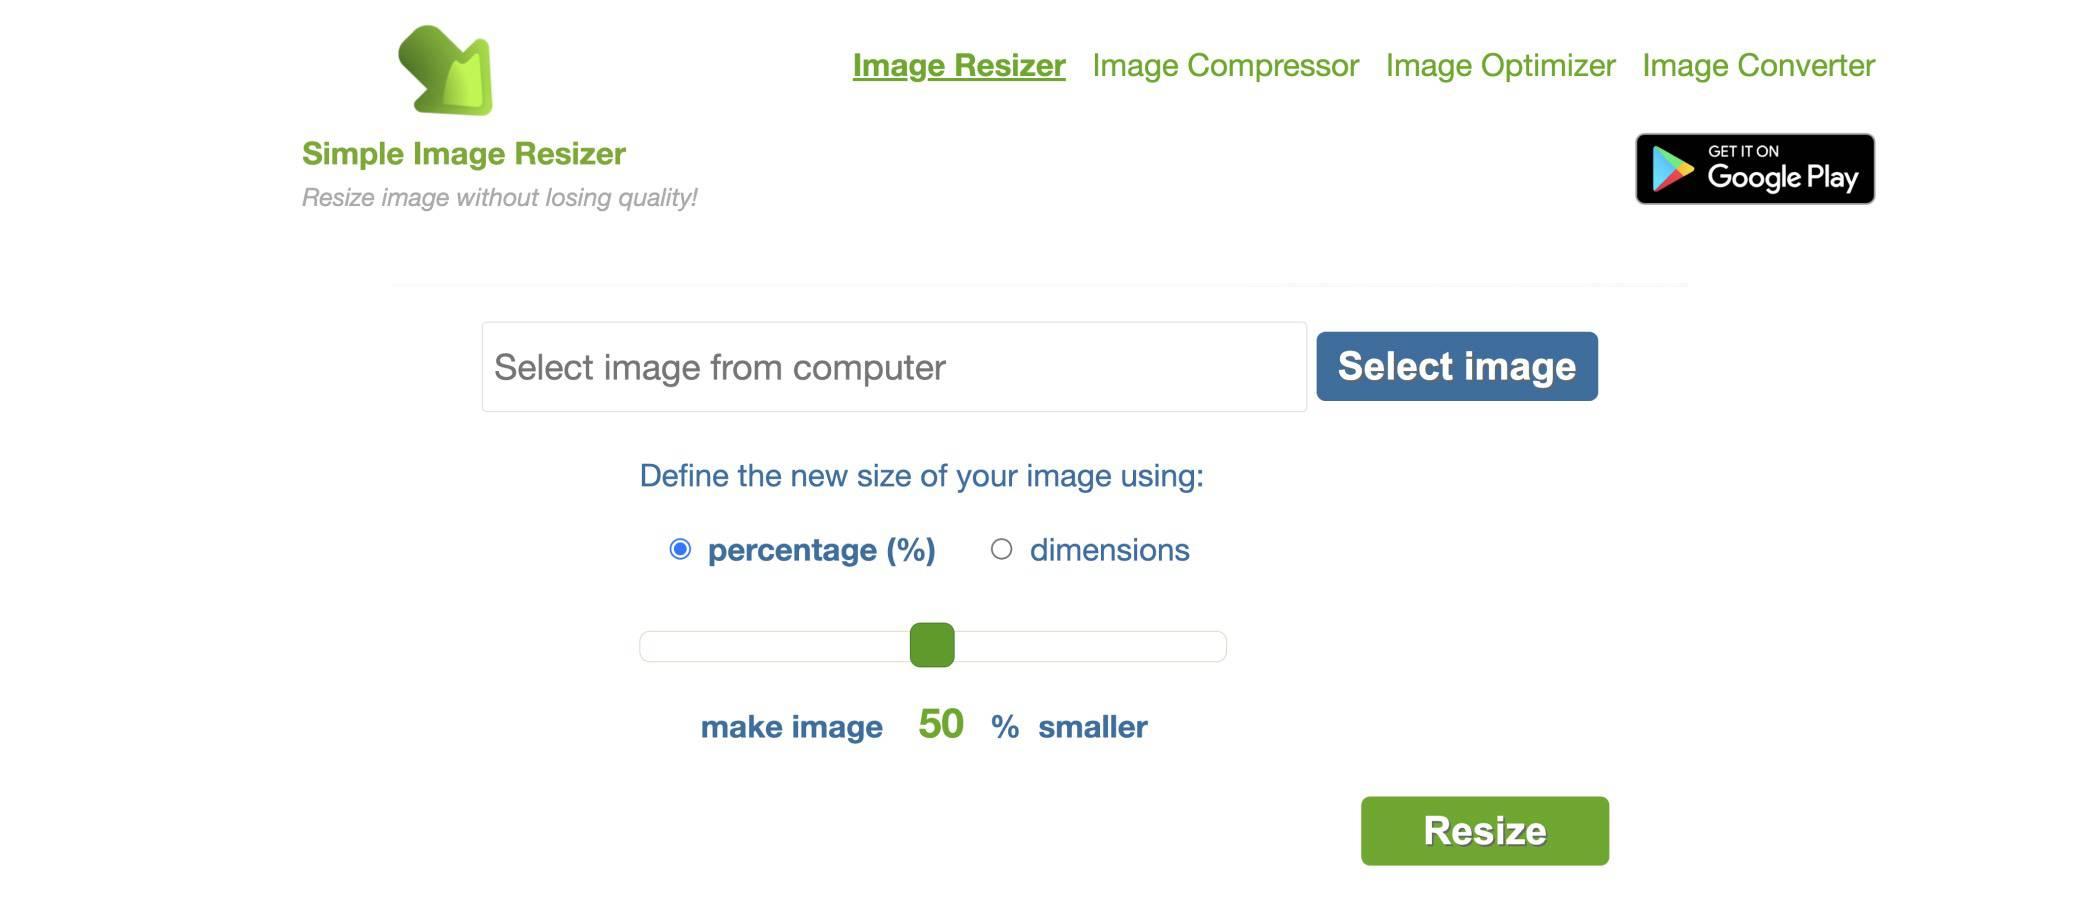 simple-image-resizer image